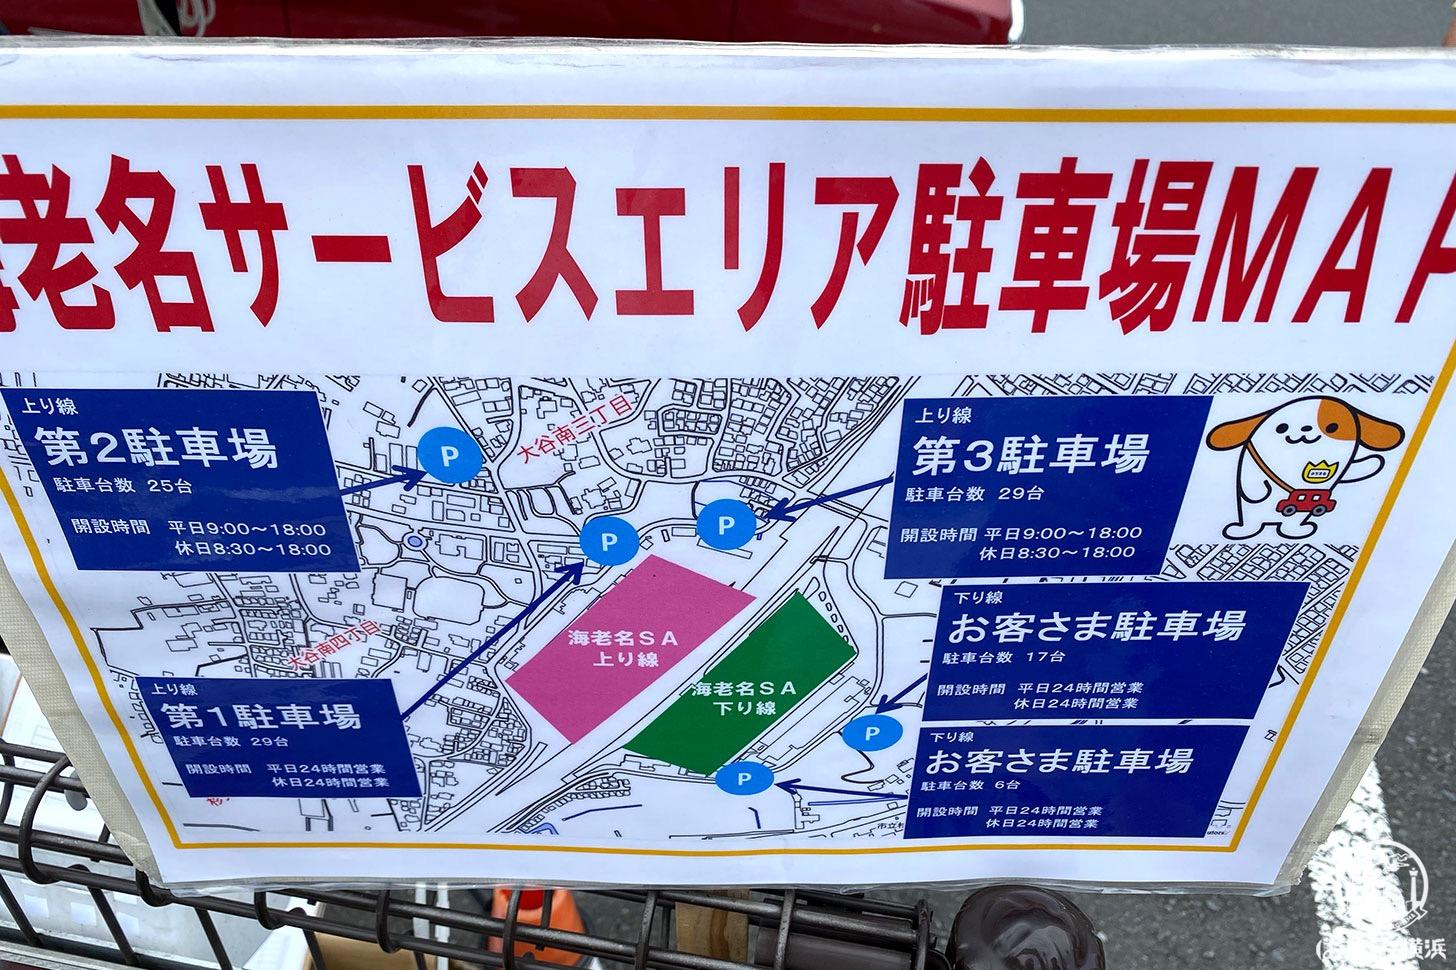 海老名サービス「ぷらっとパーク」駐車場マップ